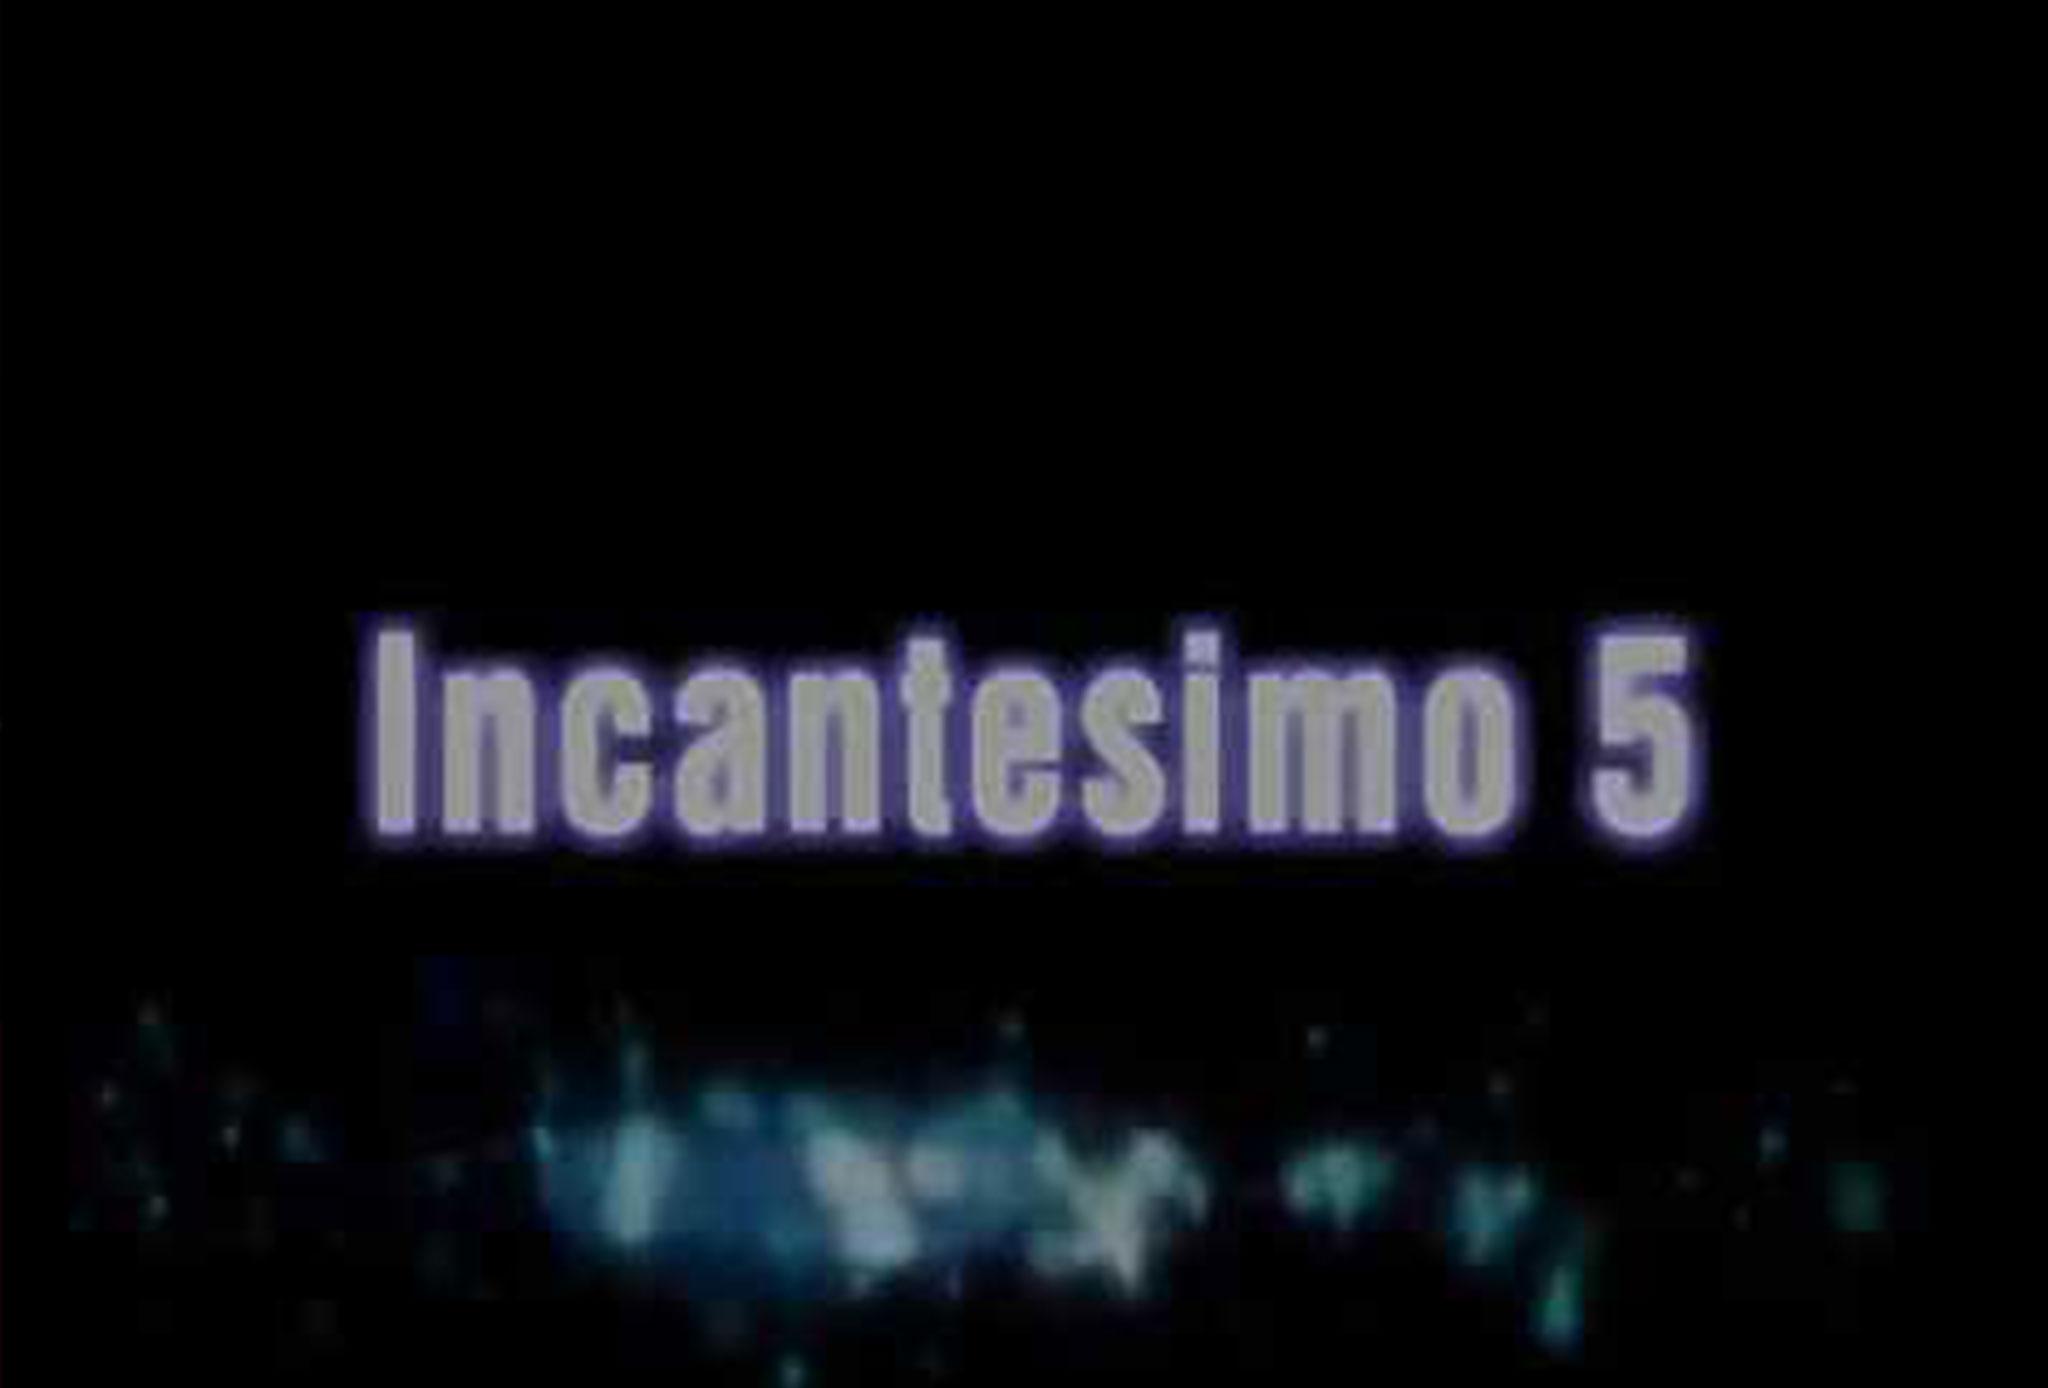 Incantesimo 5